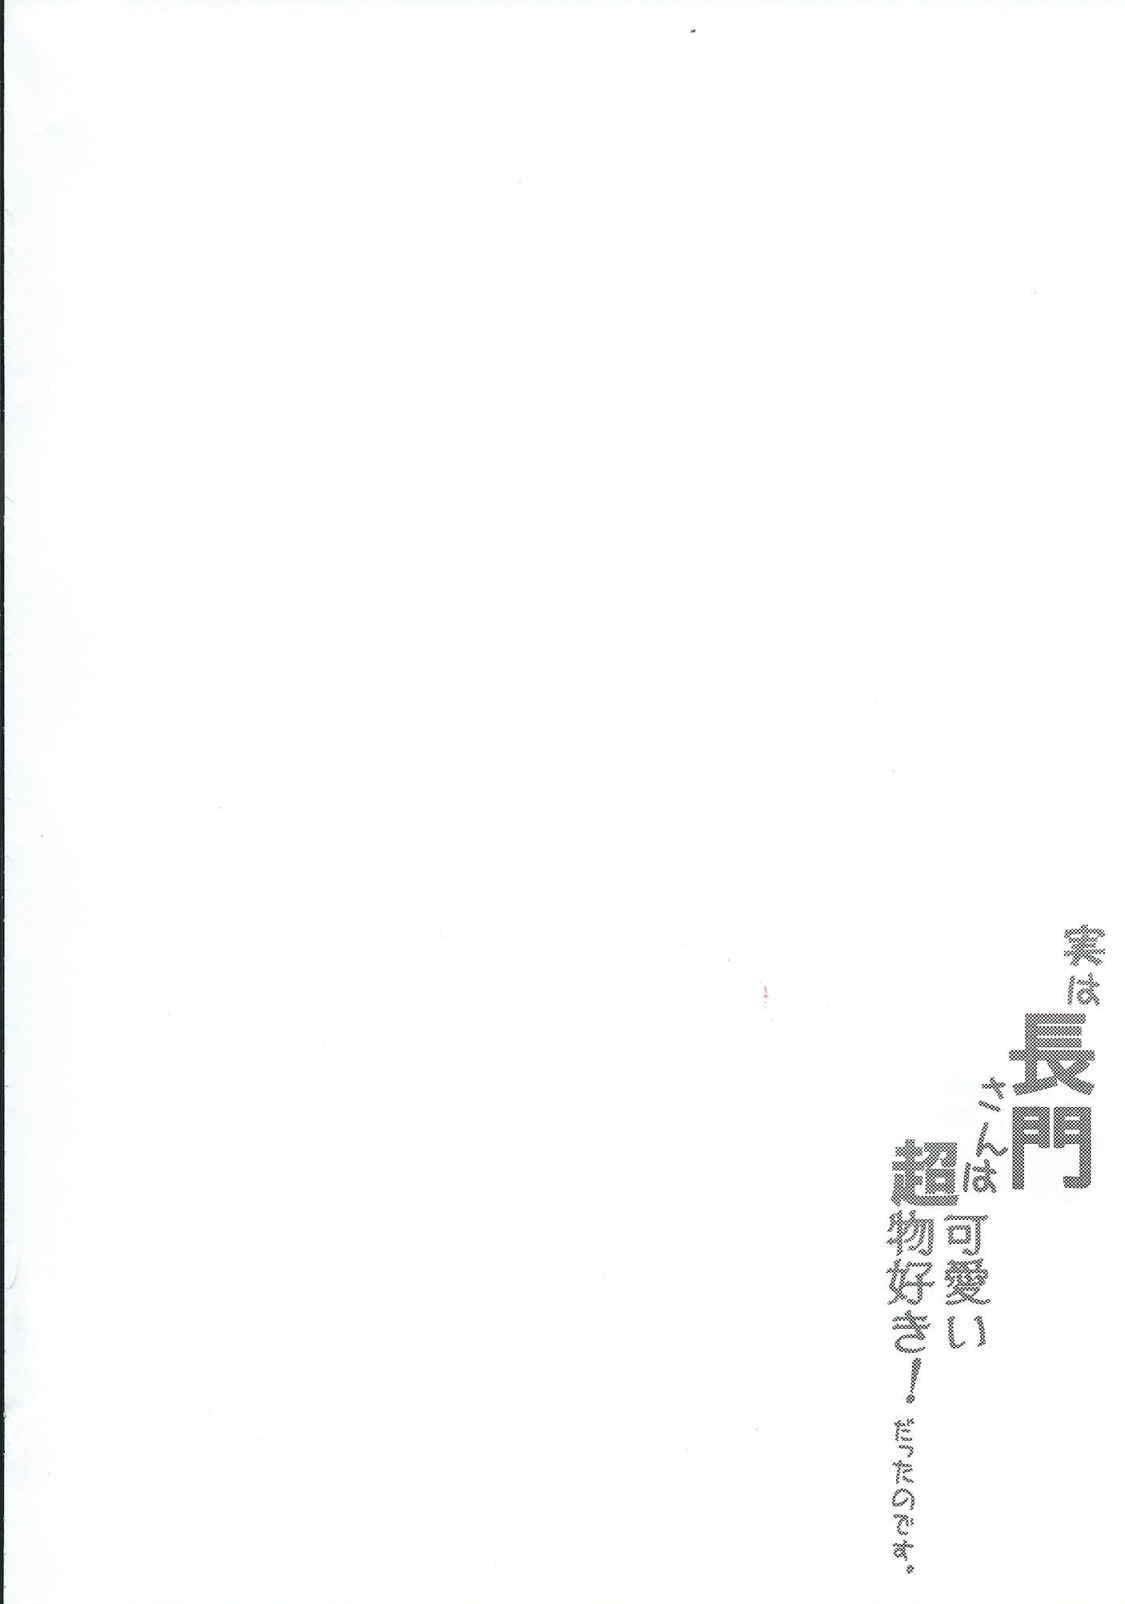 Jitsu wa Nagato-san wa Chou Kawaii Mono Suki! Datta no desu. 1